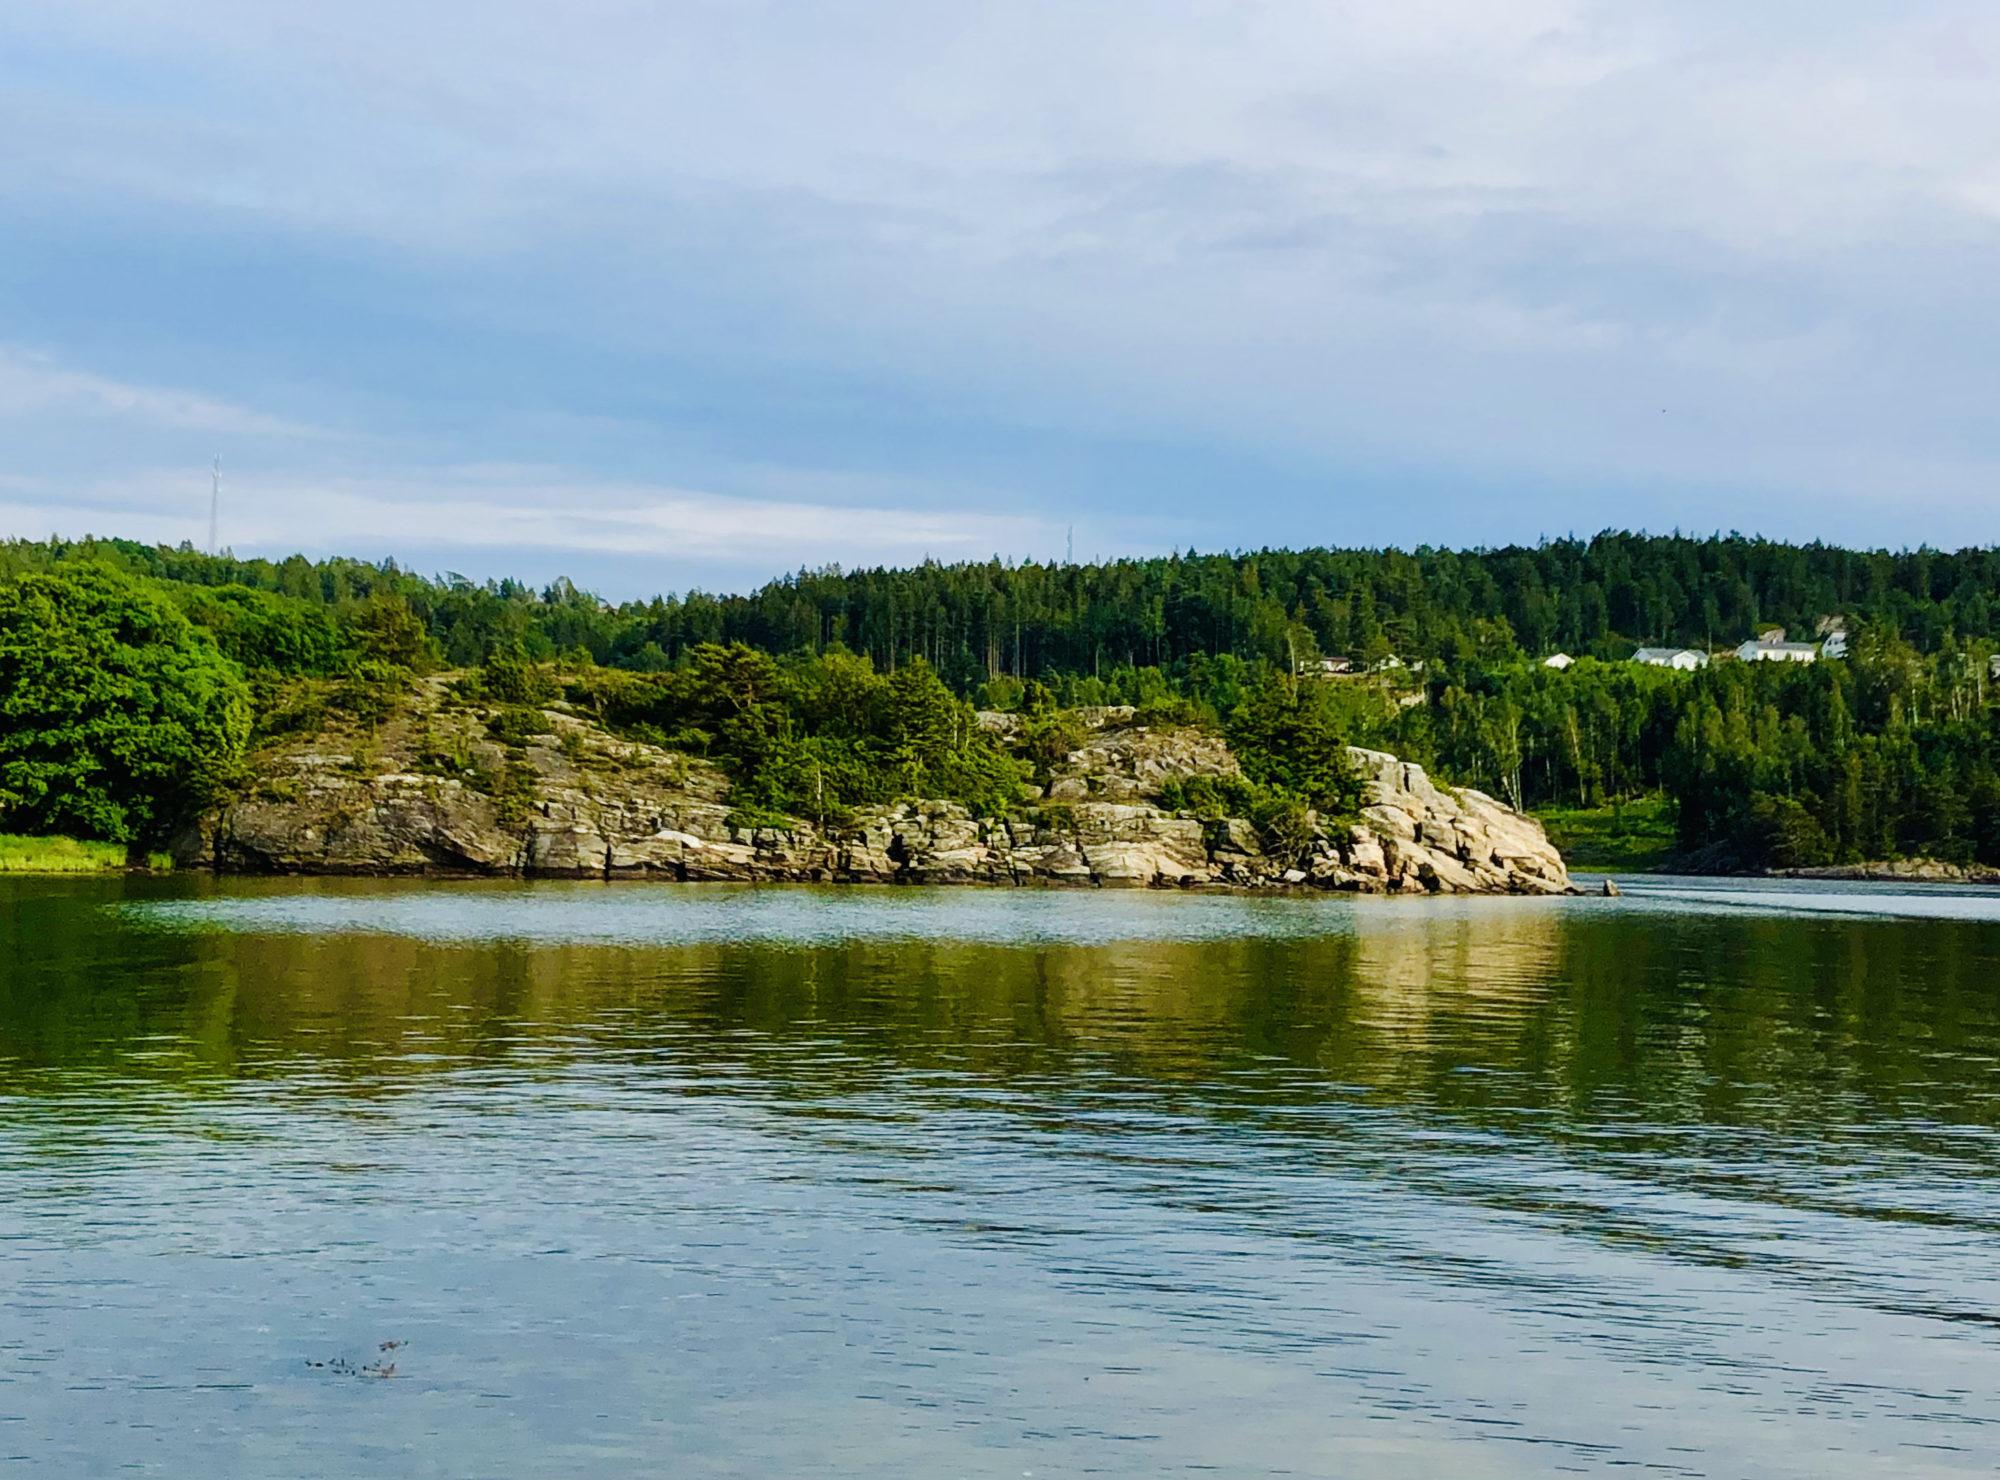 De bästa äventyren - utflykt på Vindöns camping